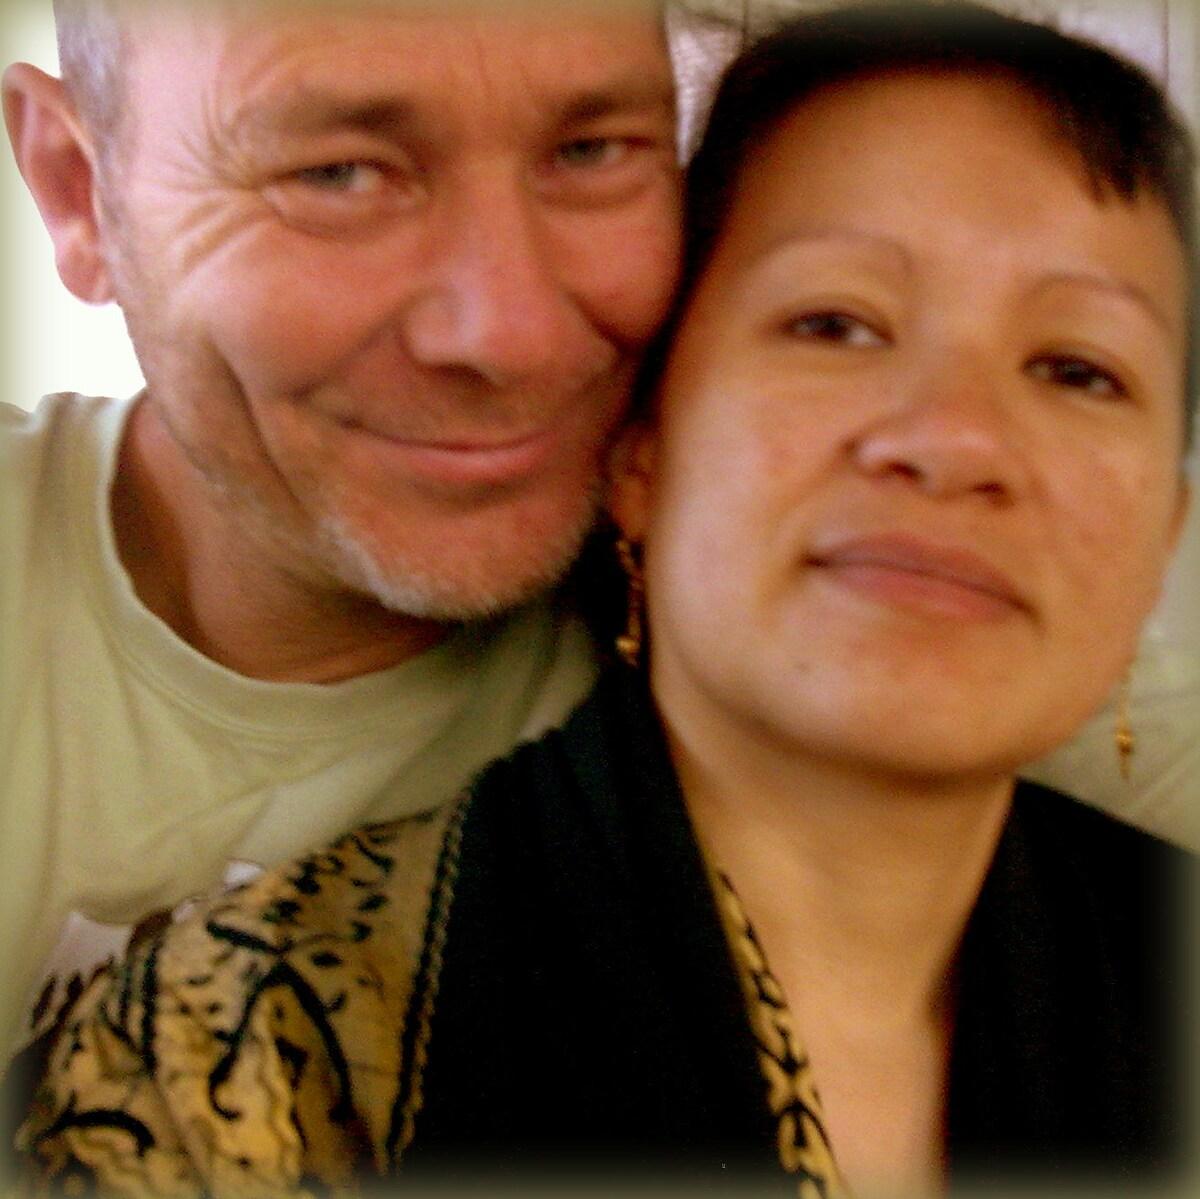 Suzie & Stéph' from Martragny